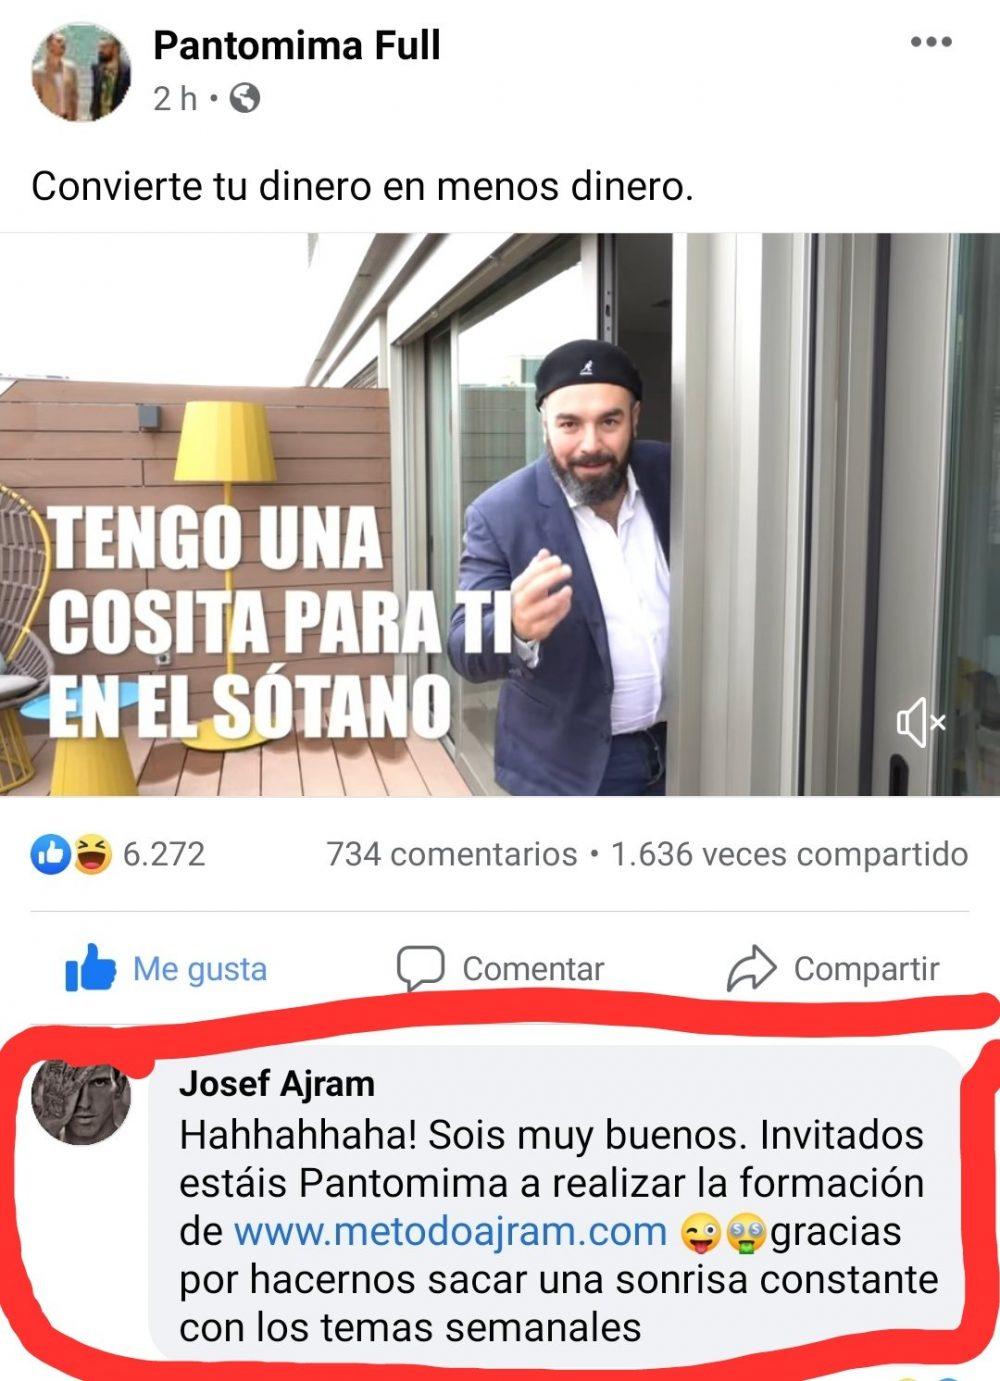 El método de Josef Ajram para ganar trillones es tan bueno tan bueno... que vende cursillos